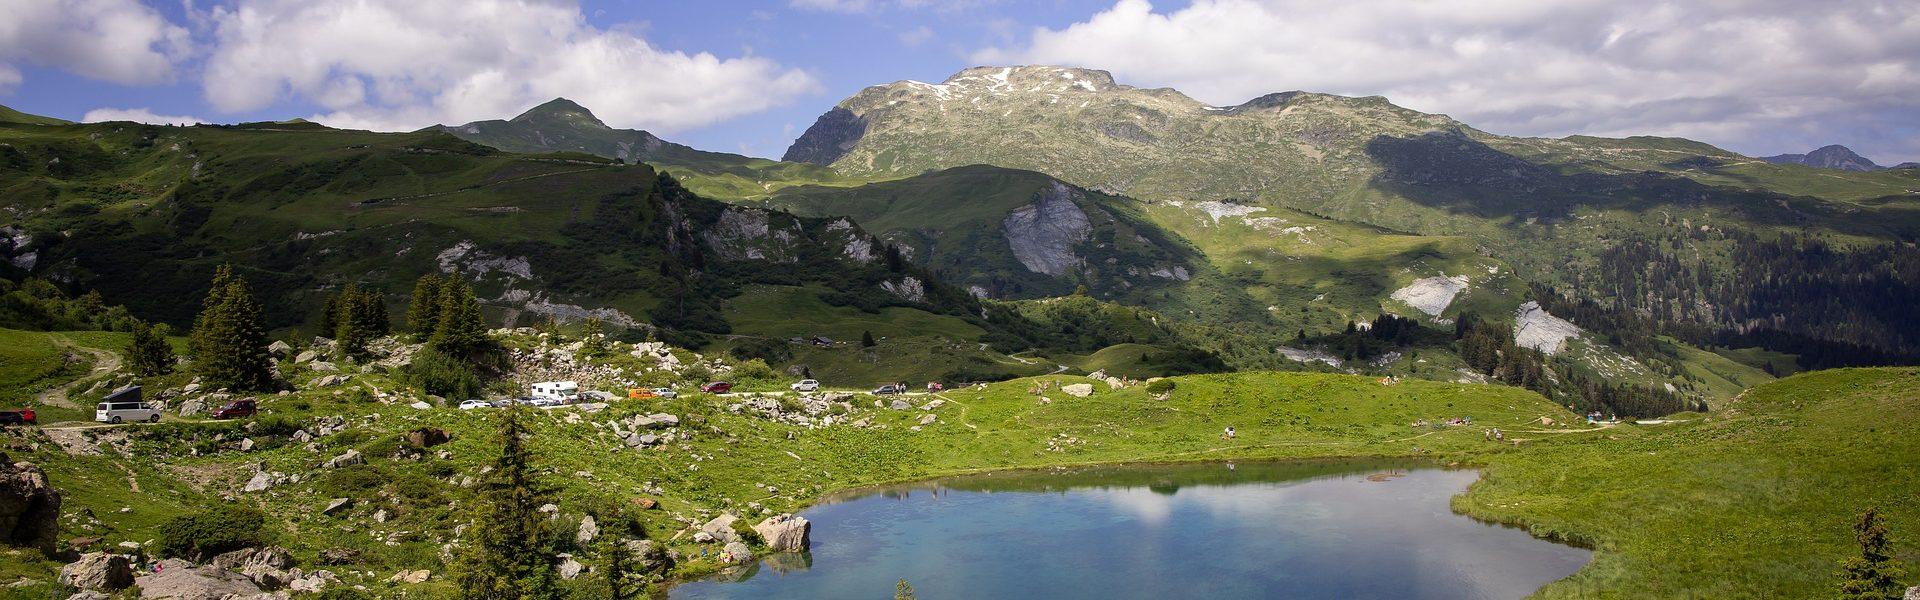 Le Lac des Fées en Savoie